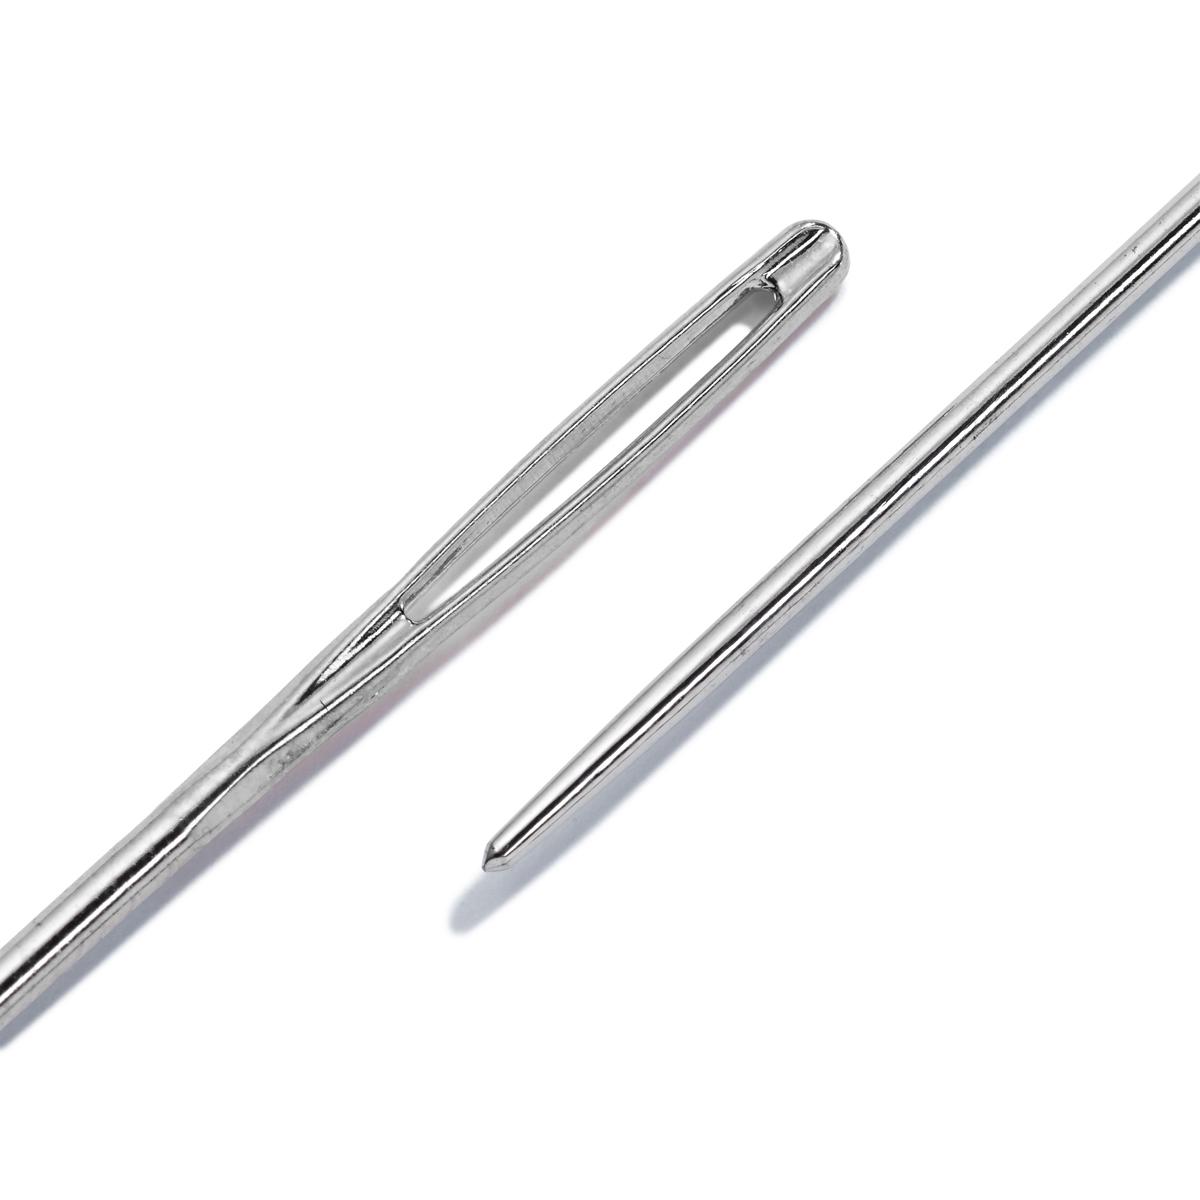 Набор 125558 Иглы для вышивания со скругленным острием №24 (сталь), 0,80*37мм, 3 упак, Prym